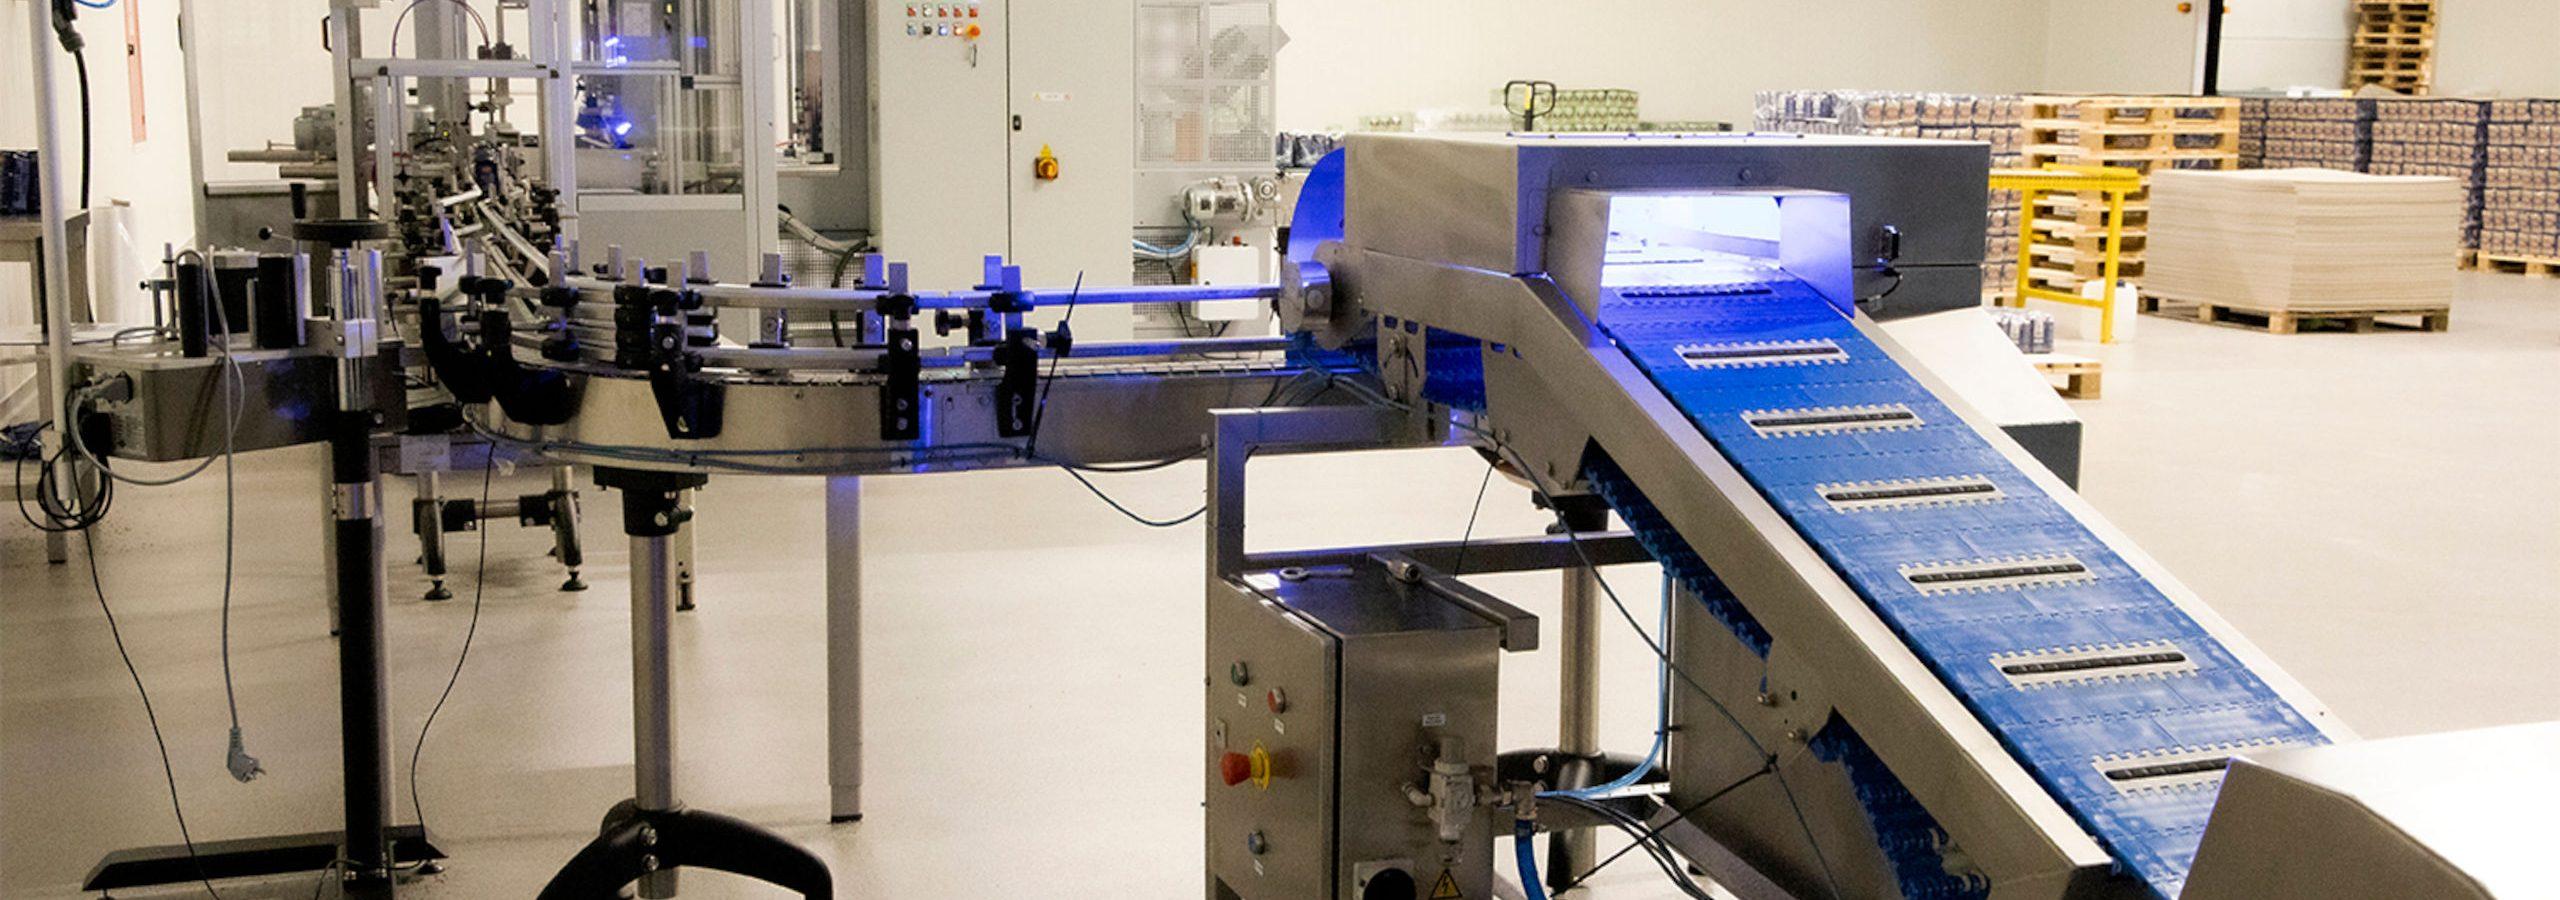 Productieproces van A tot Z, kwaliteit en professionaliteit. Elmofood Antwerpen gespecialiseerd in peulvruchten